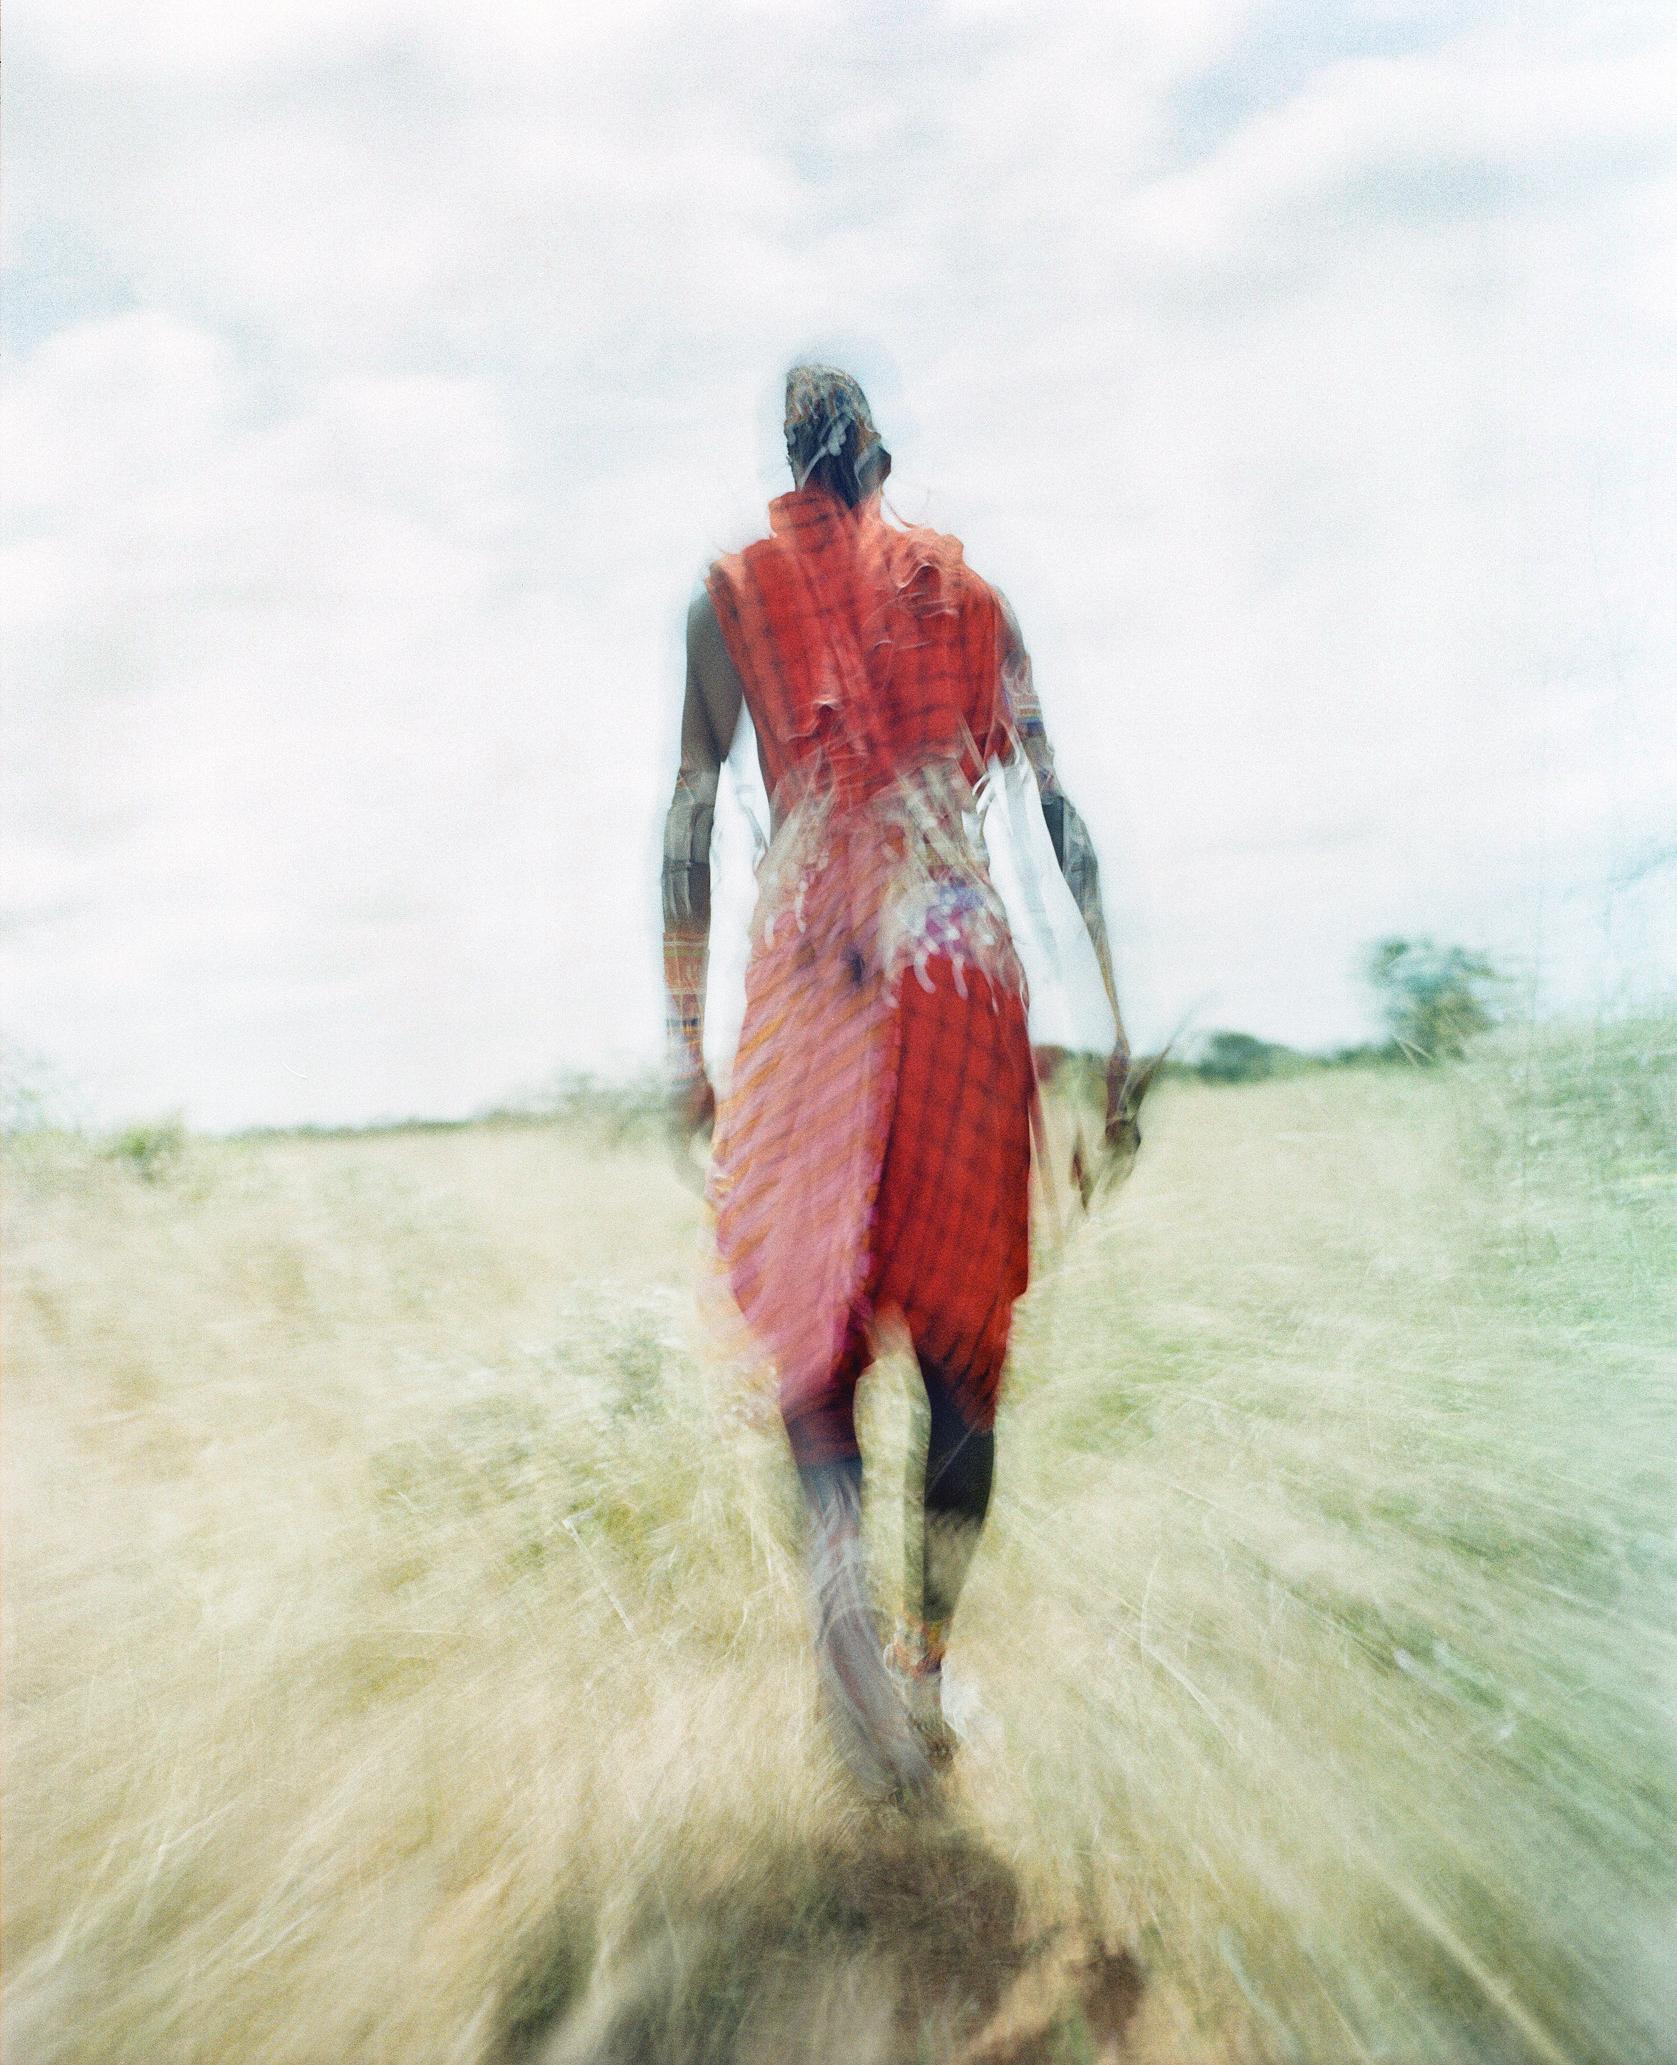 21439_MTU_Kenya_002-07.jpg